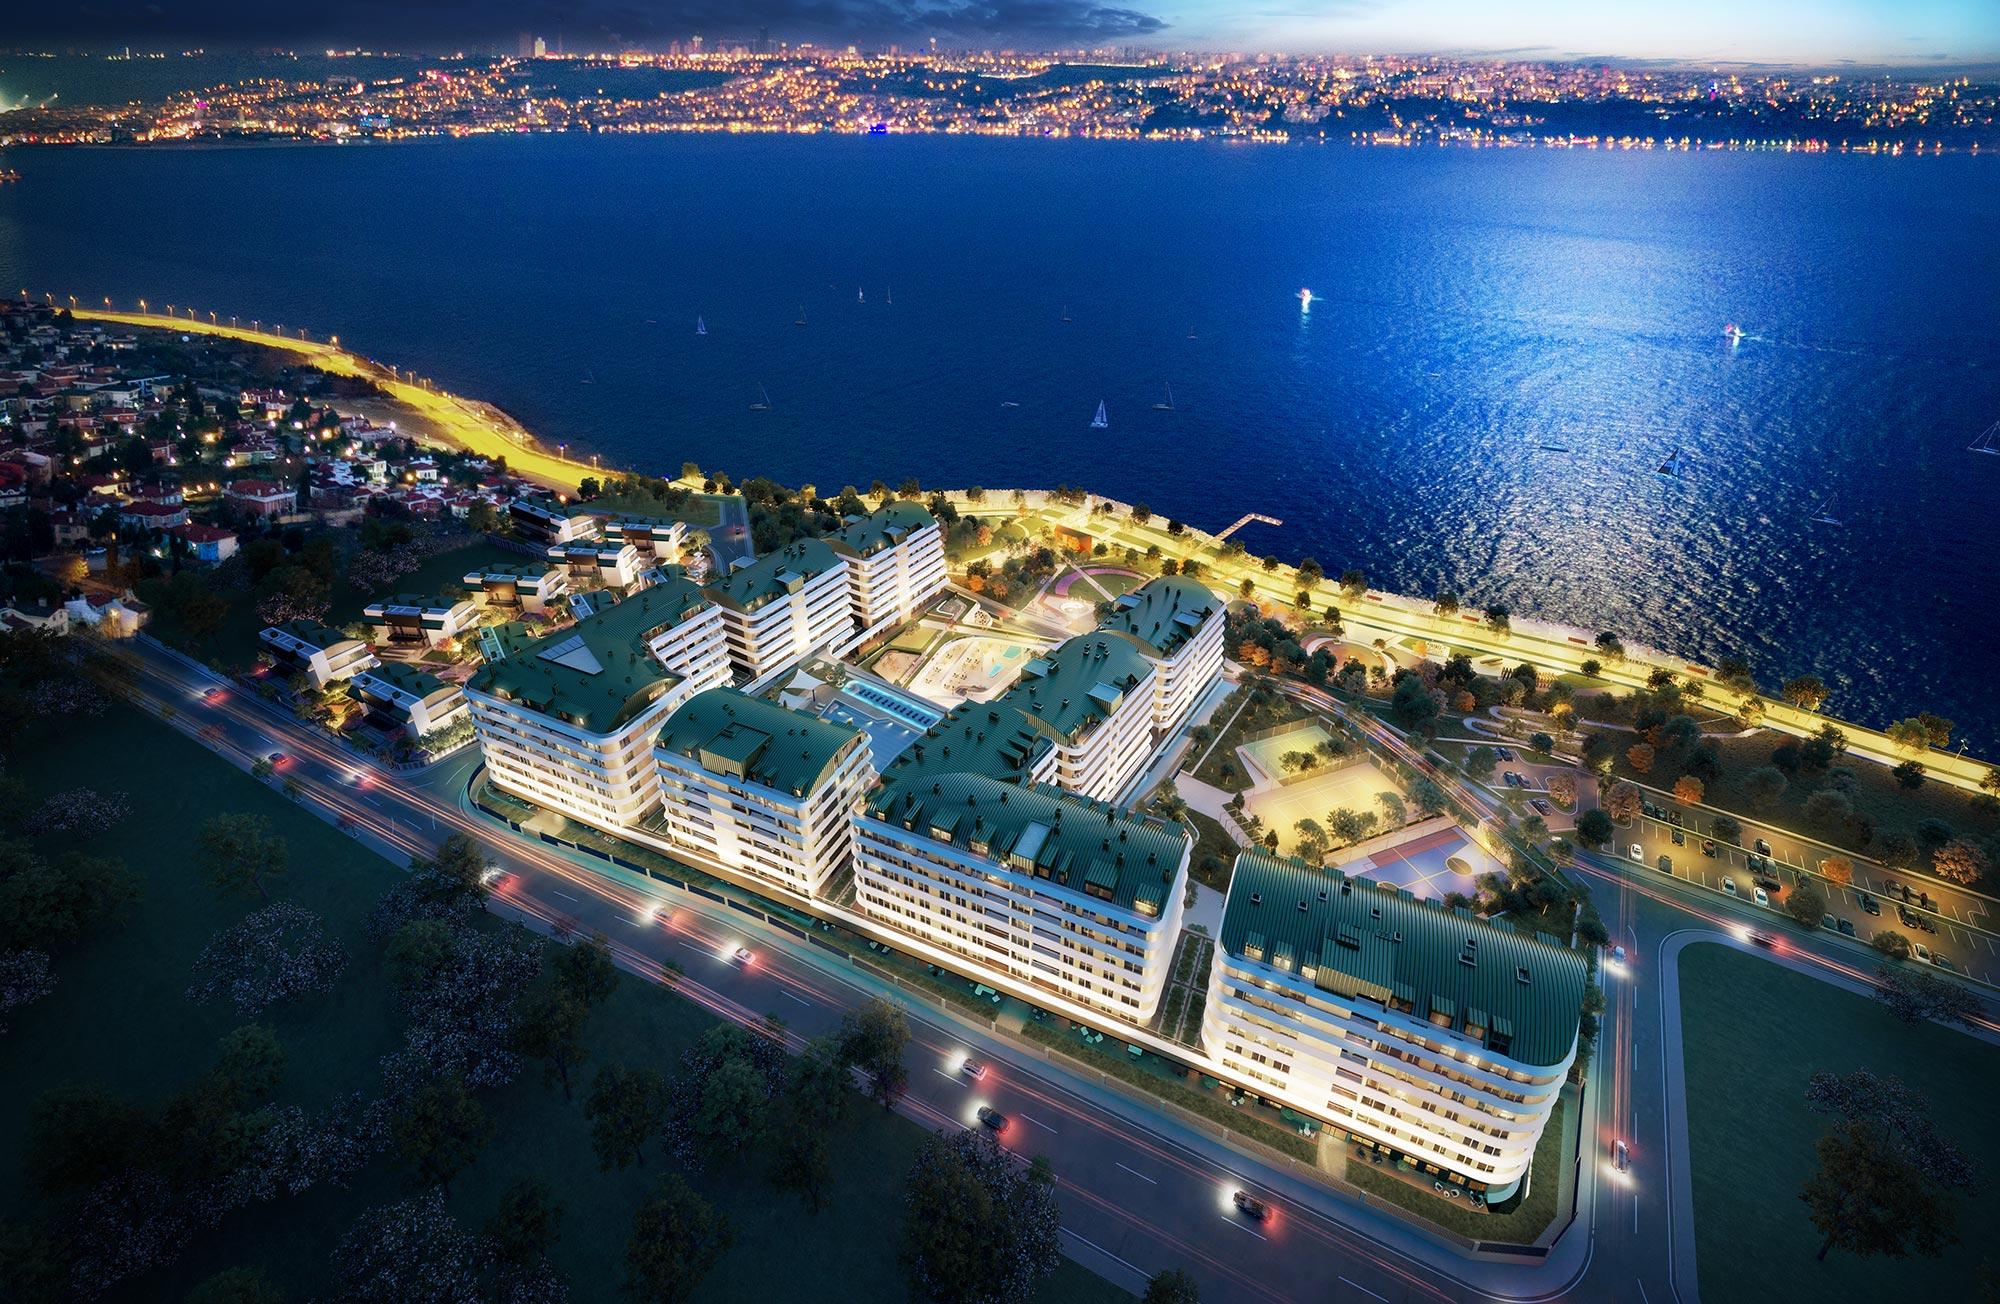 شقق باطلالة بحرية في اسطنبول